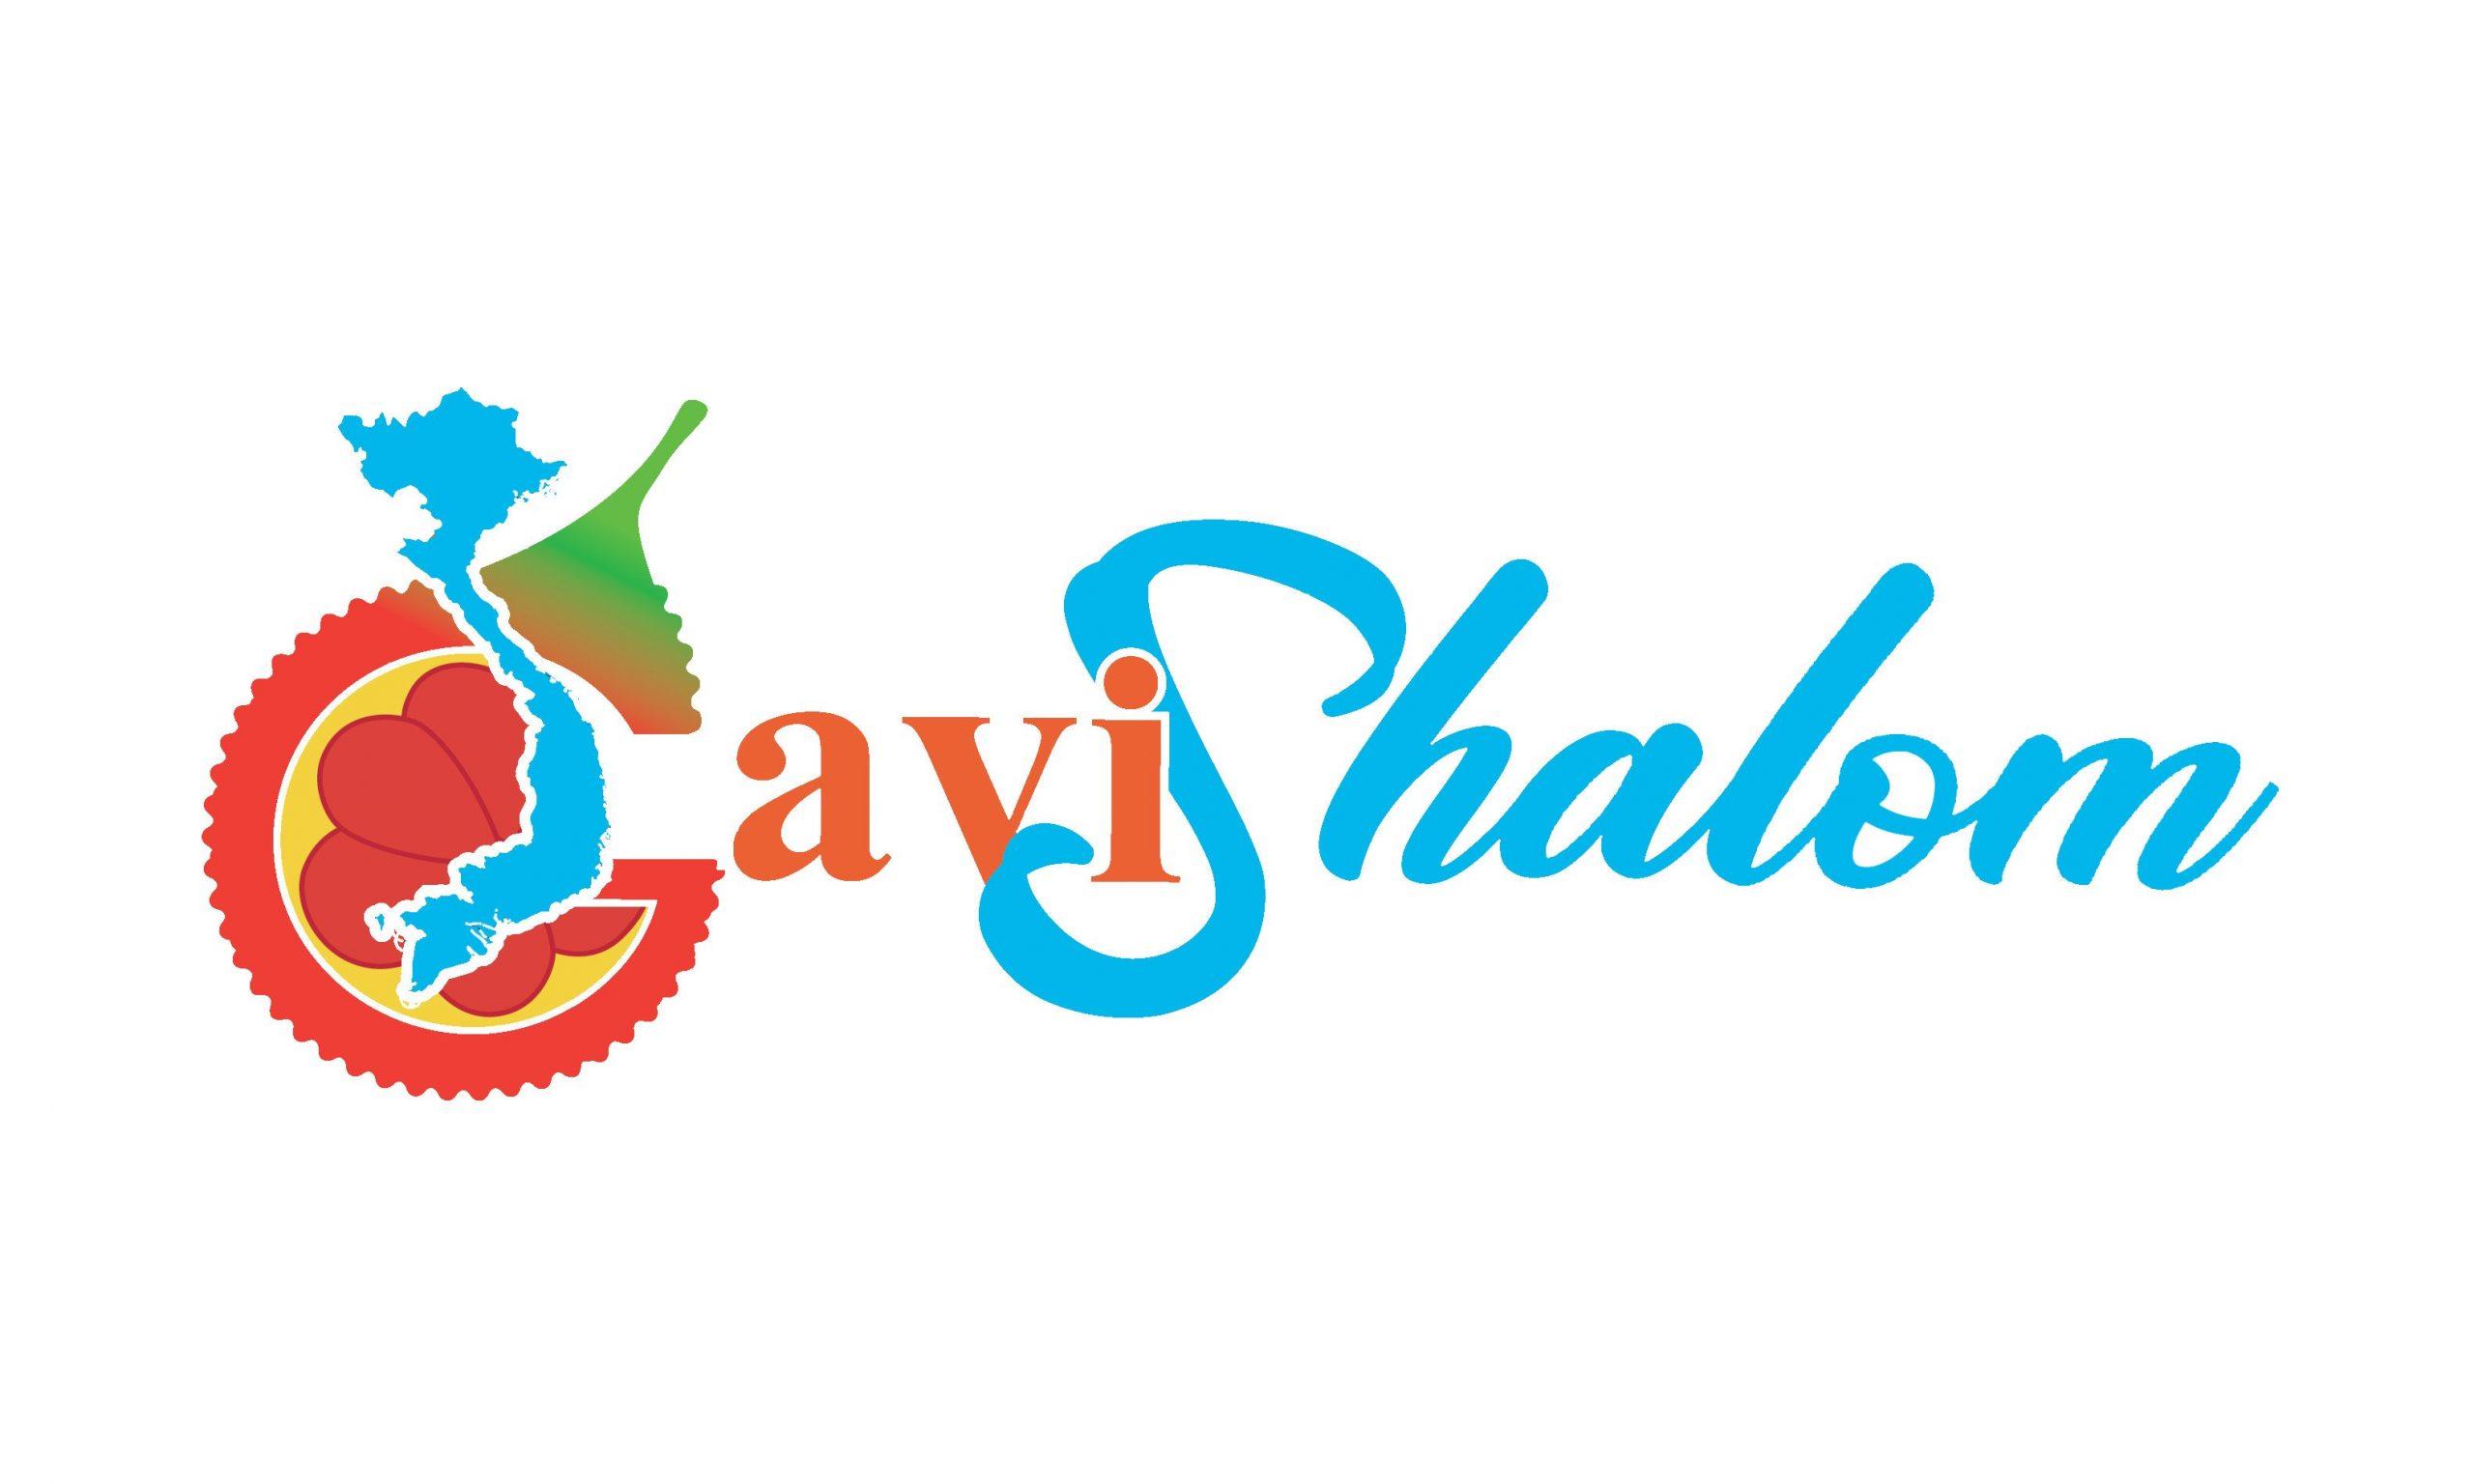 Gavis Shalom